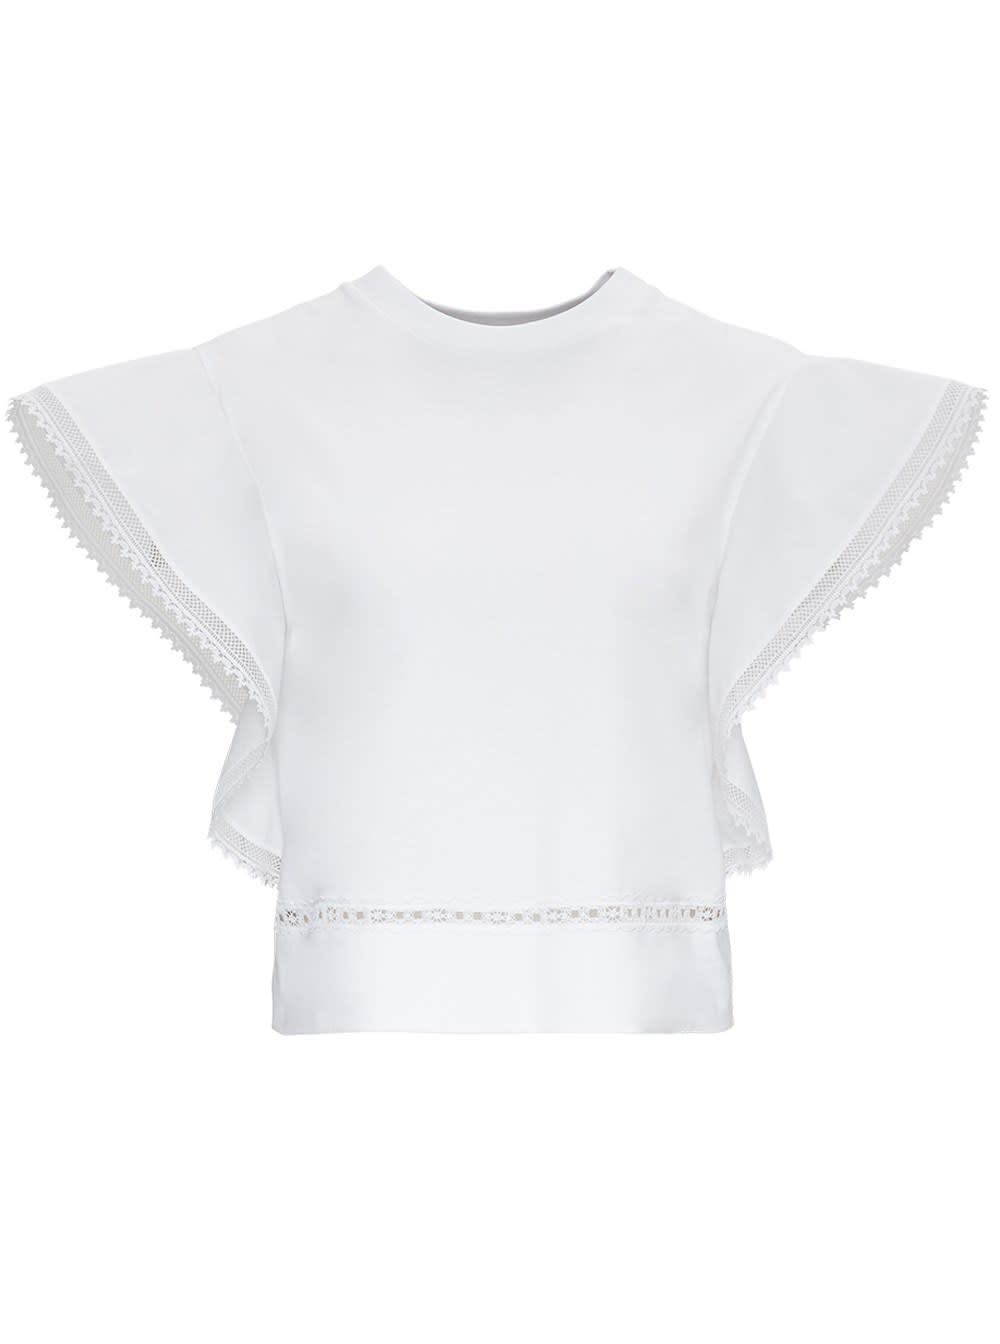 Alberta Ferretti White Jersey Top With Lace Inserts